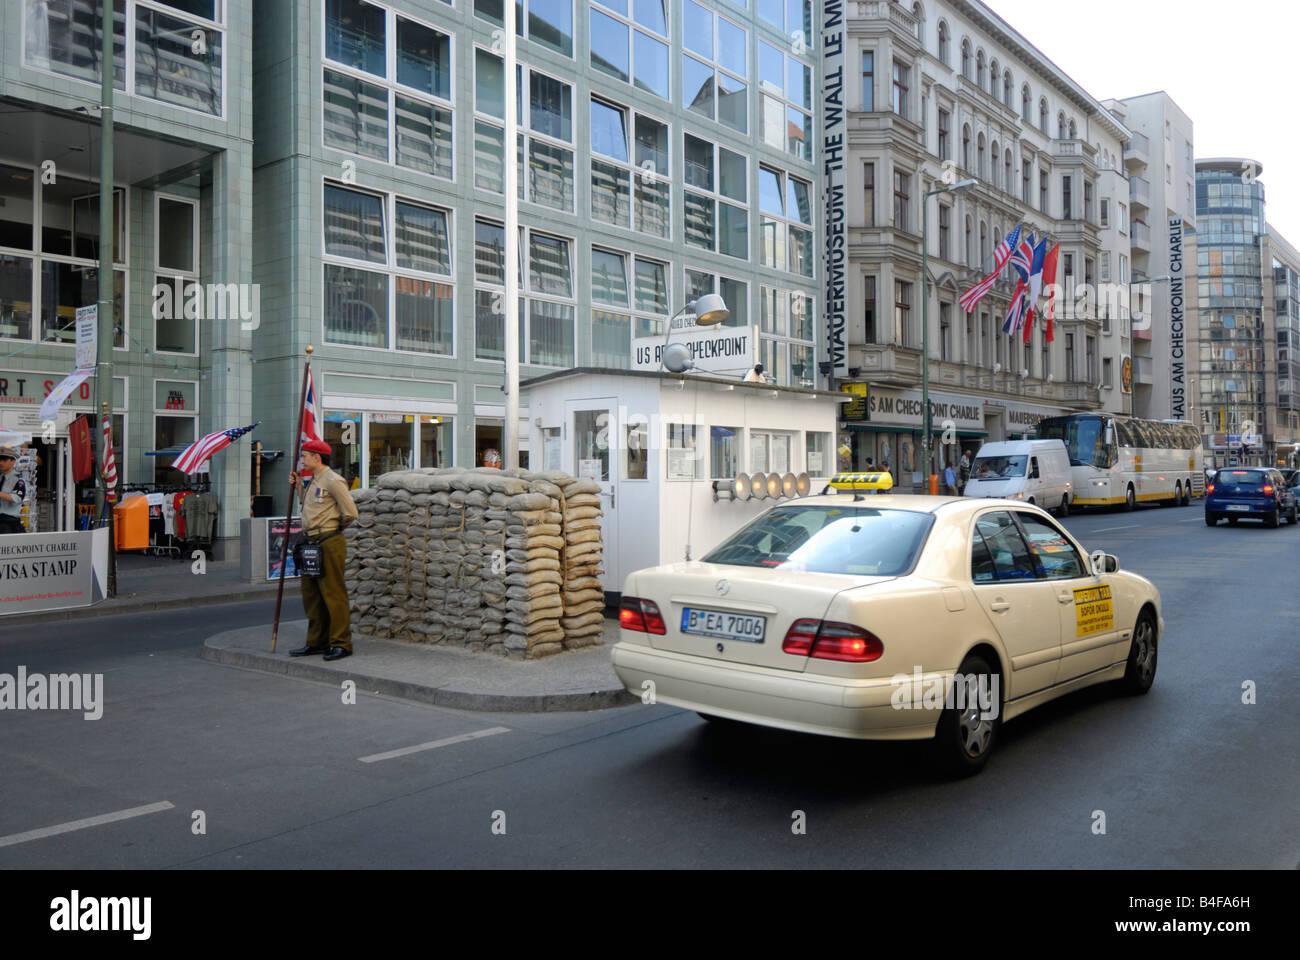 Checkpoint Charlie punto de cruce entre Berlín oriental y occidental durante la guerra fría, Alemania Imagen De Stock